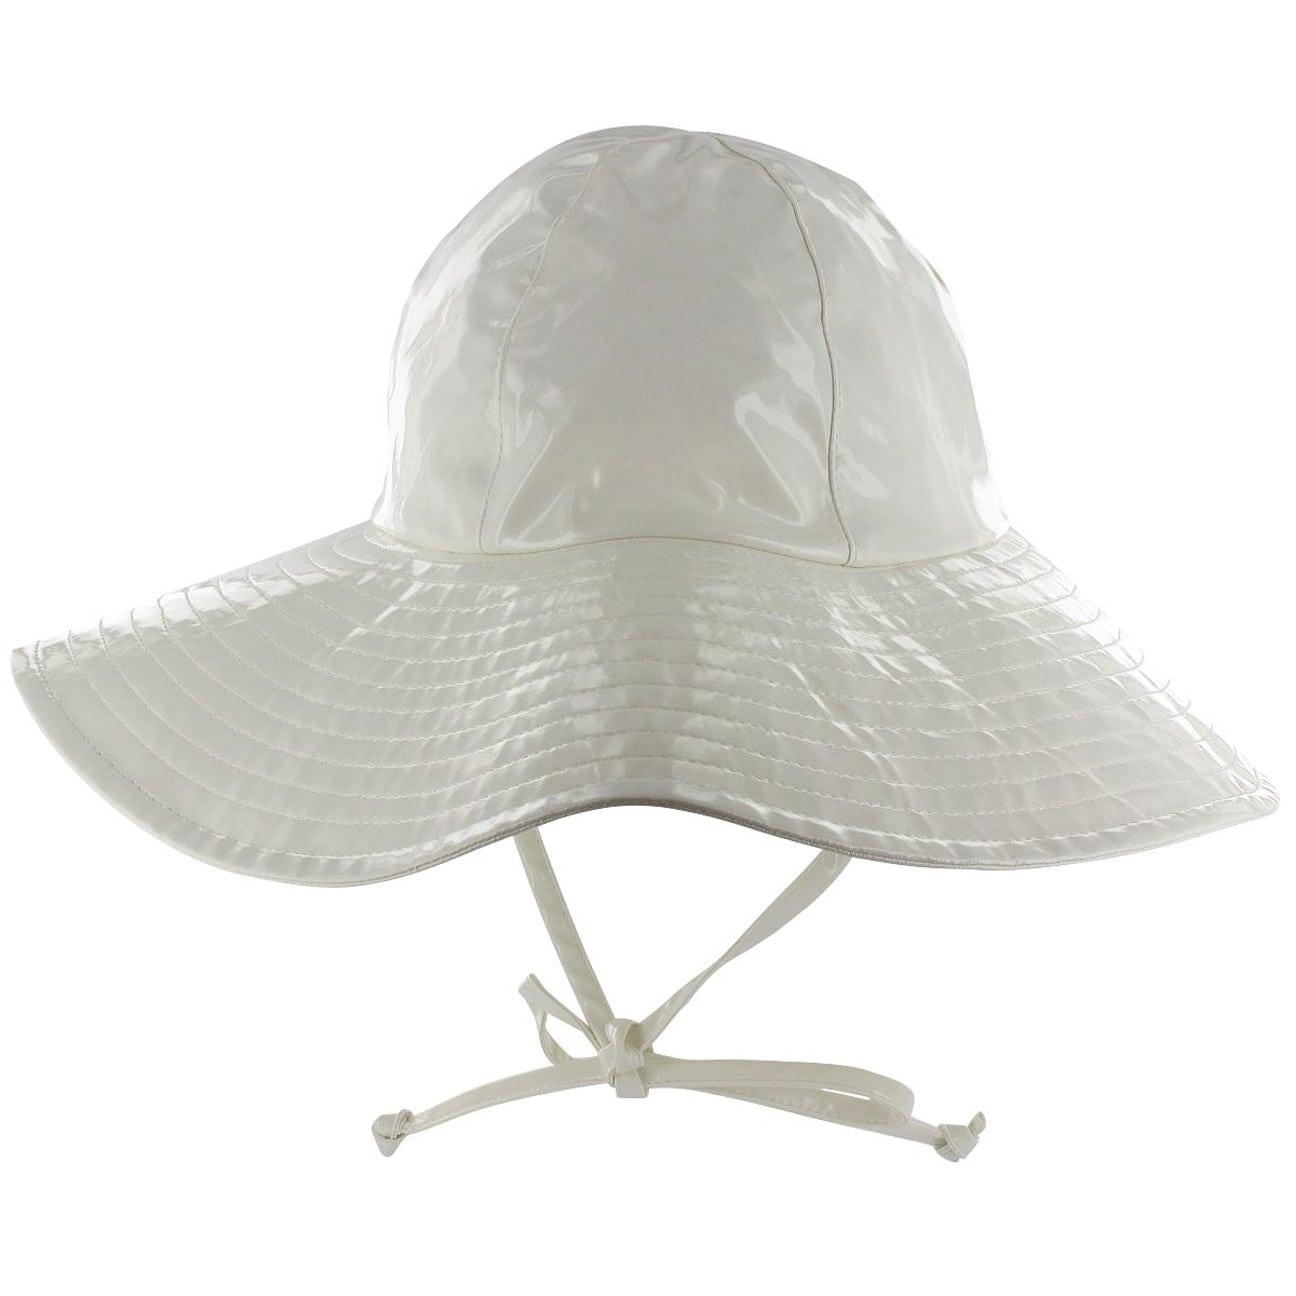 Sombrero para Lluvia Floppy by McBURN - Sombreros - sombreroshop.es fb565991654